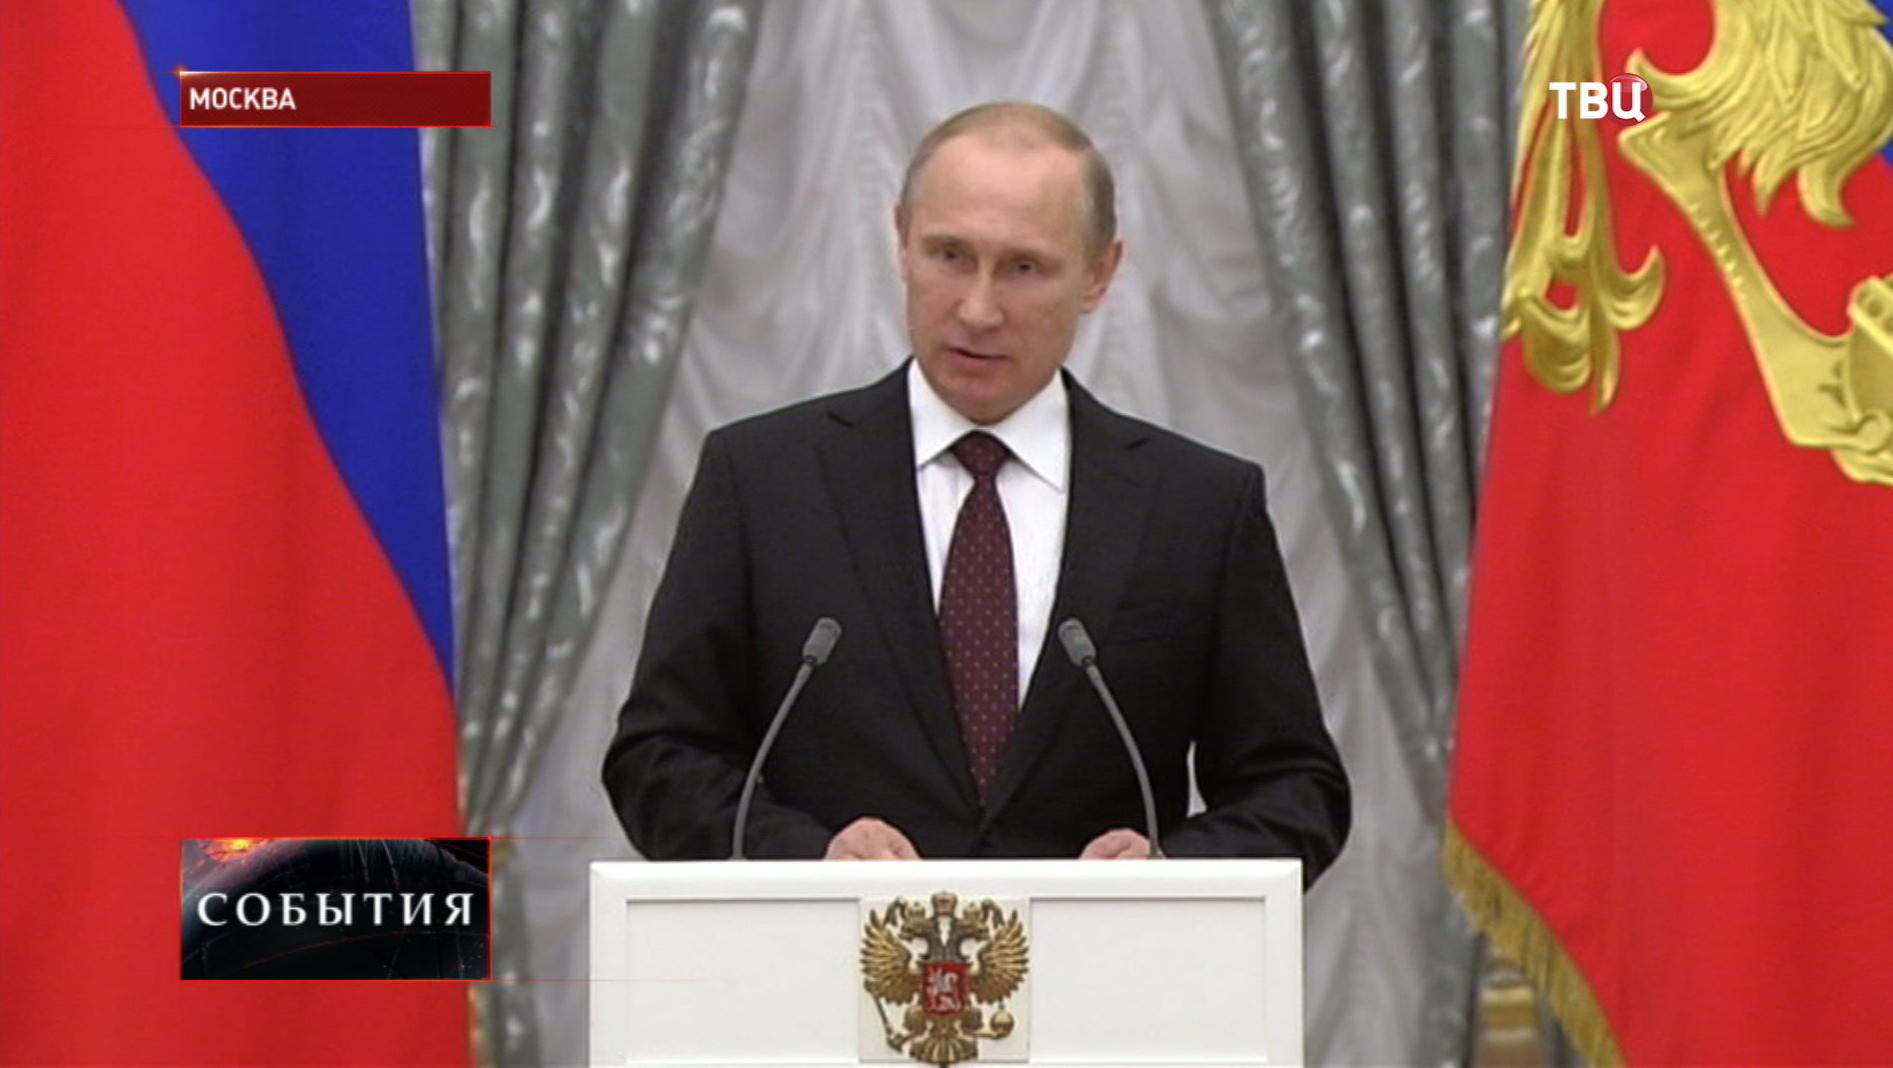 Президент России Владимир Путин во время вручения наград в Кремле